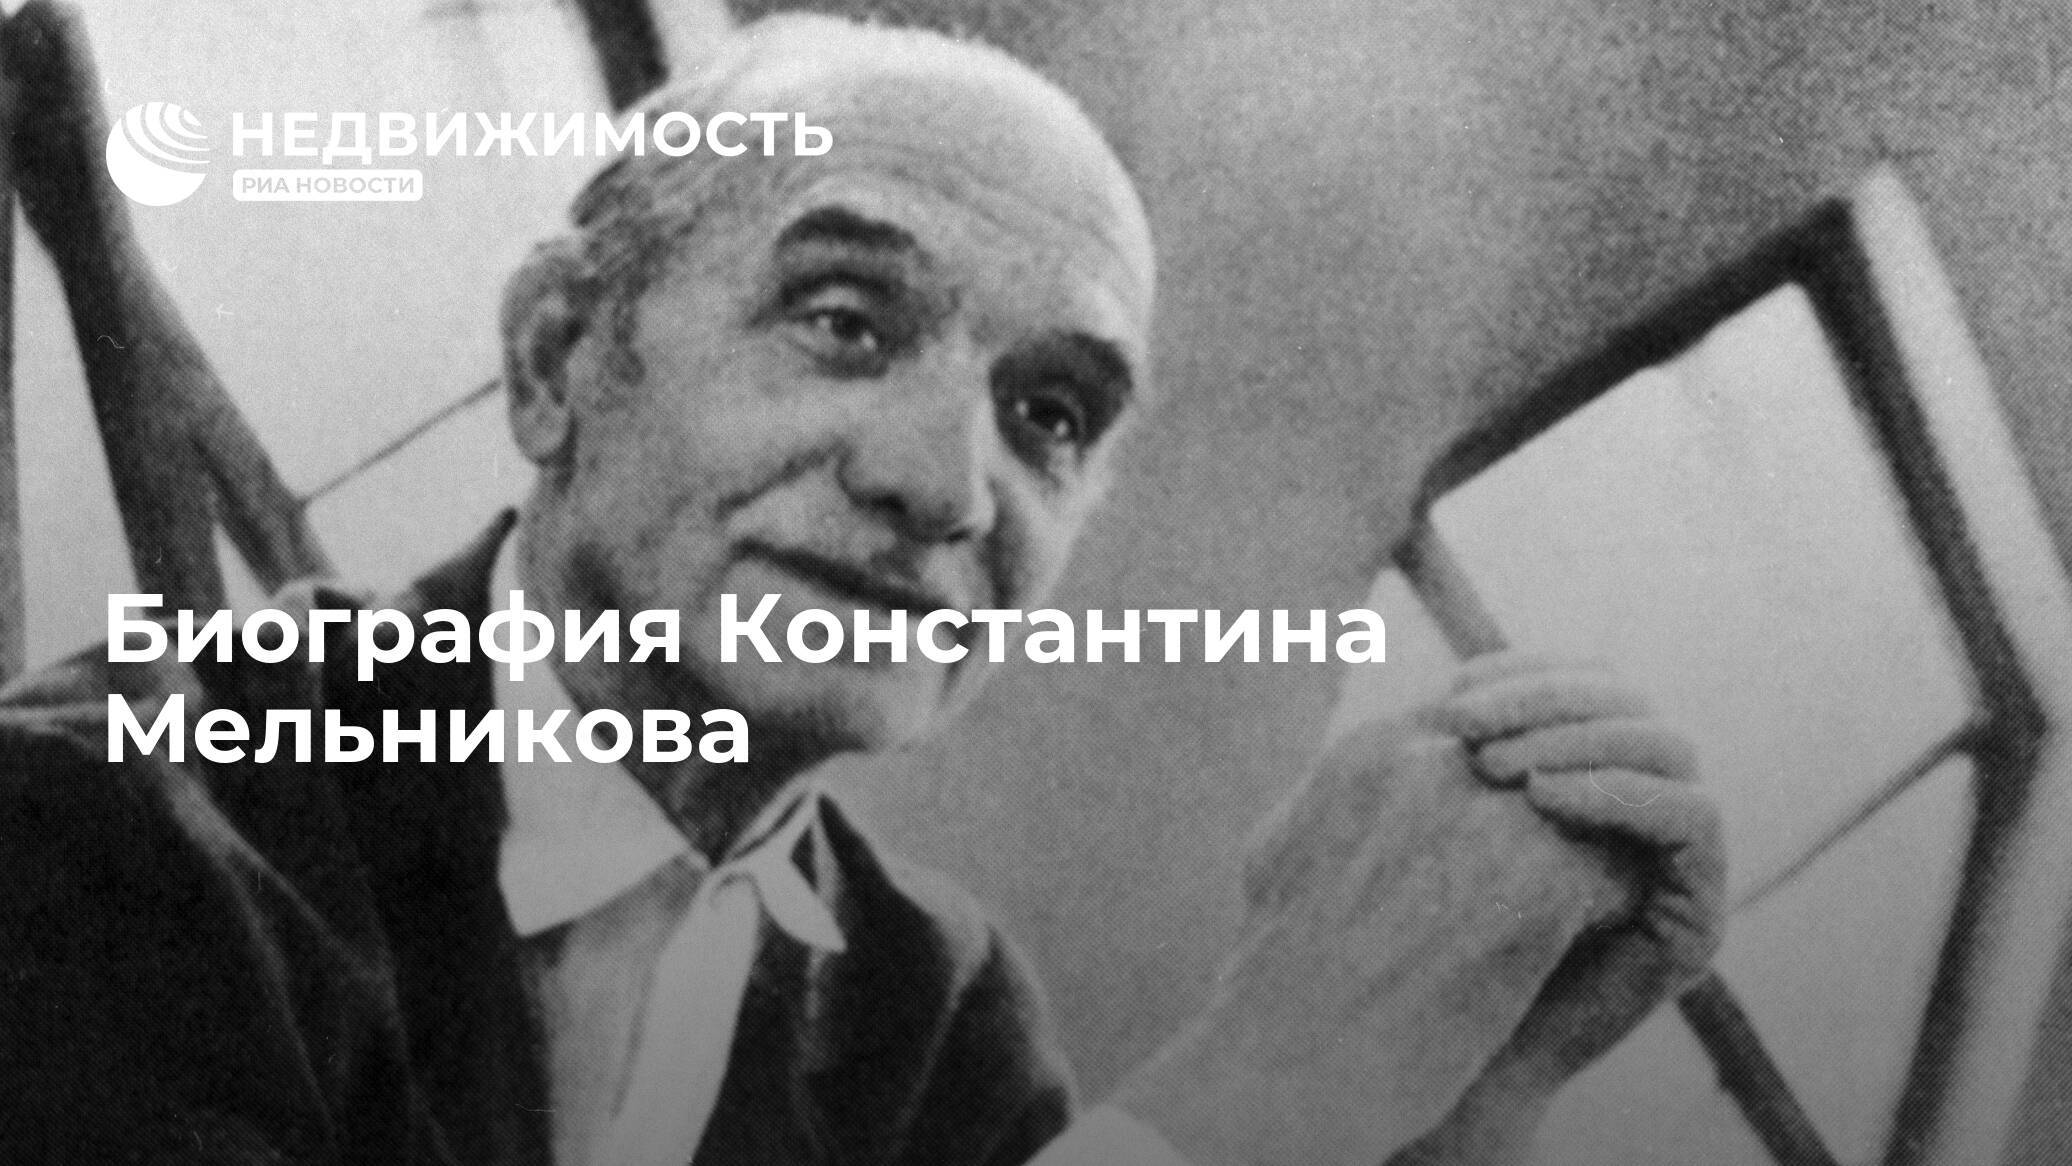 Анастасия мельникова – биография, личная жизнь, фото, новости, актриса 2021 - 24сми